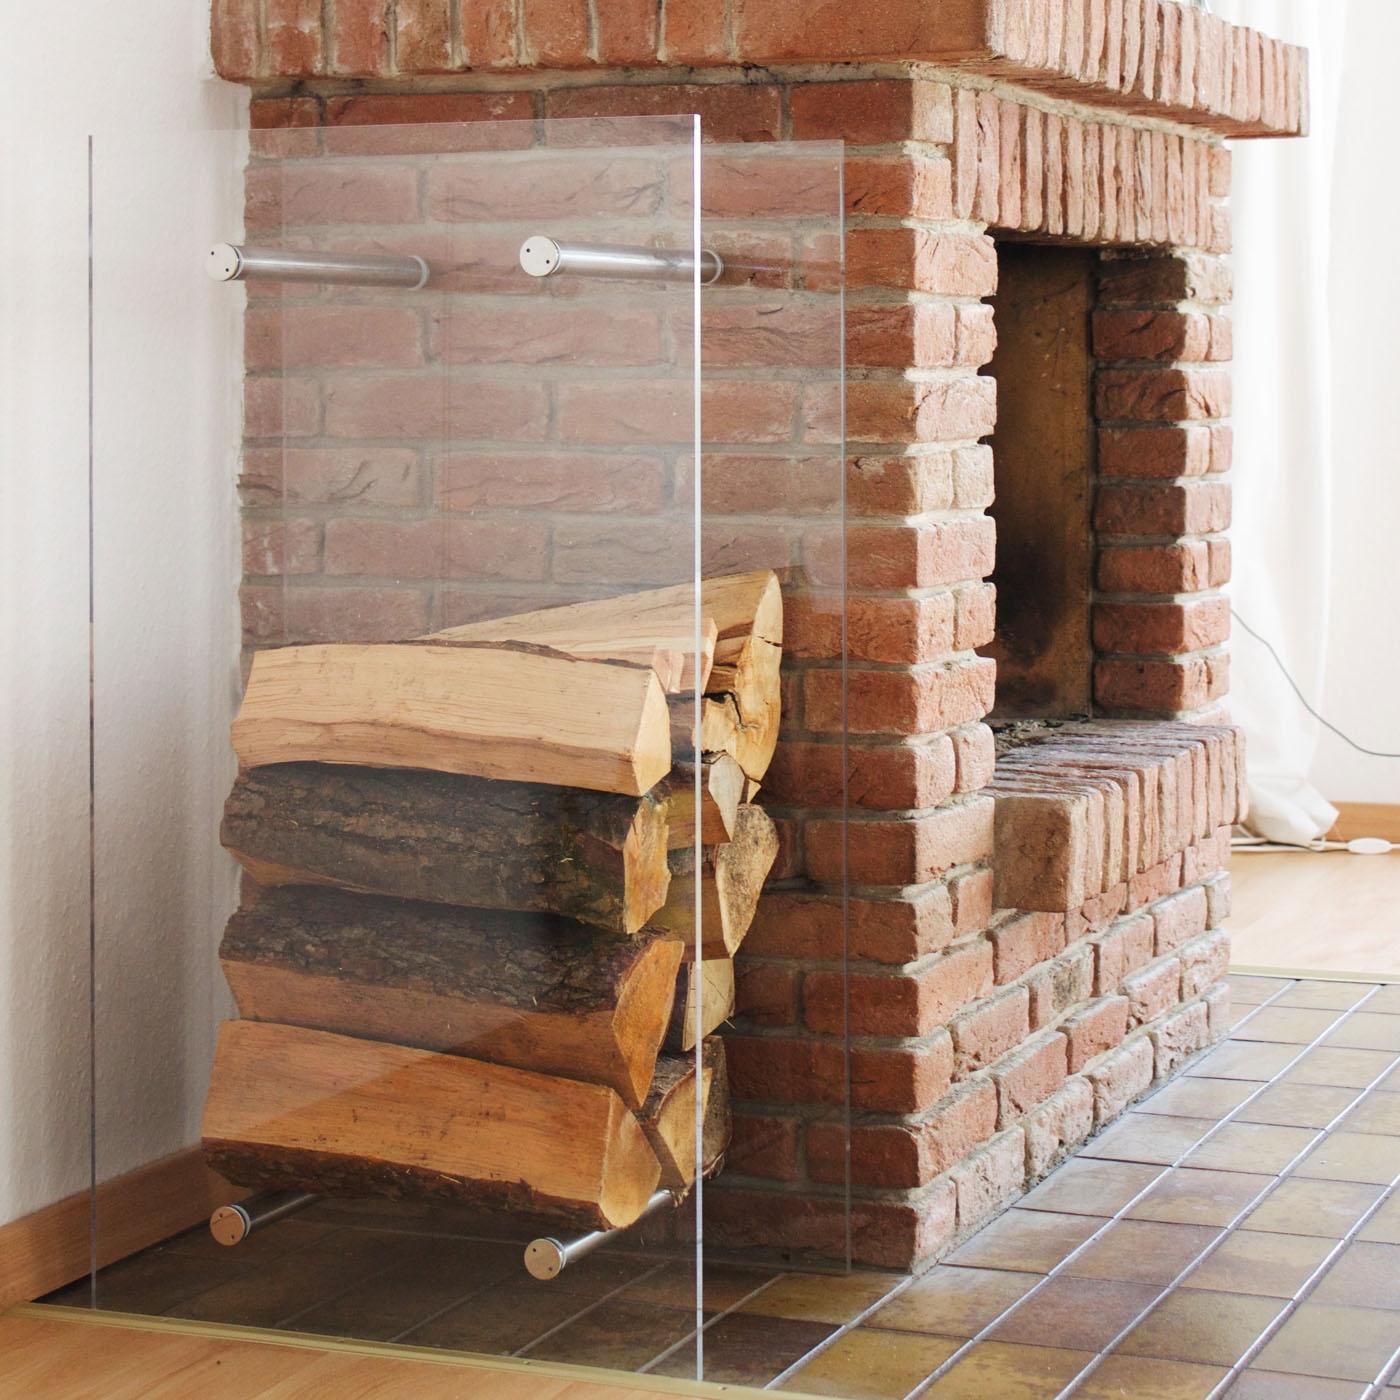 kaminholzst nder design eigenbaudesign. Black Bedroom Furniture Sets. Home Design Ideas